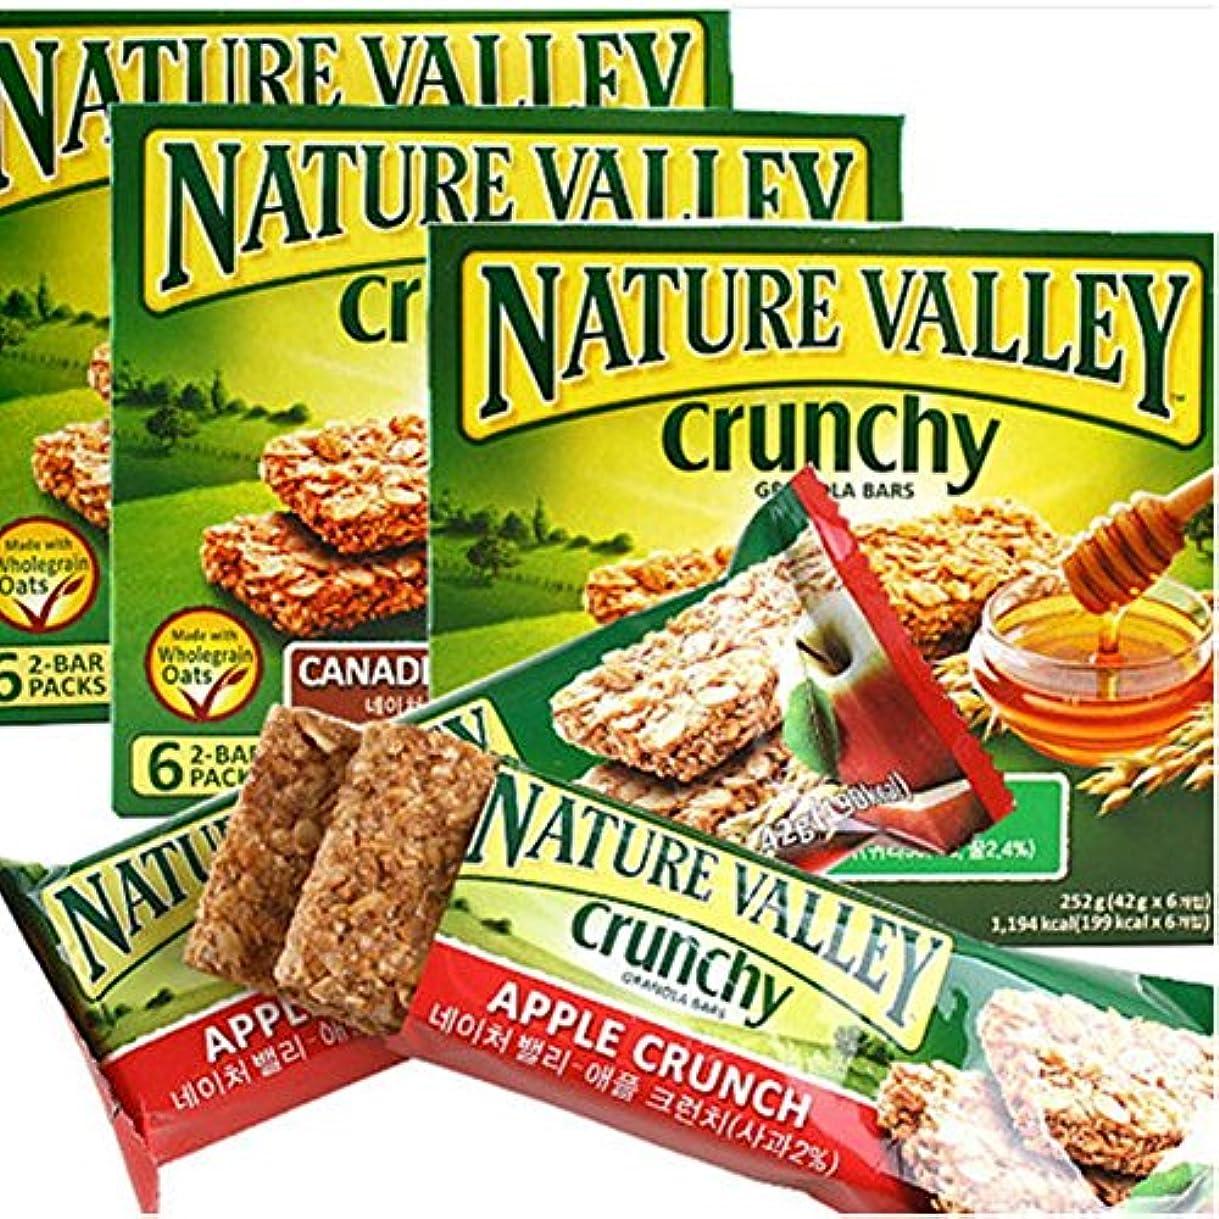 財布直面するニンニク[ネイチャーバレー/Nature Valley] CANADIAN MAPLE SYRUP/ネイチャーバレークランチグラノーラバー42g5パックx3 Box - メープルシロップ(合計15袋)穀物バー/シリアル/栄養のバー...